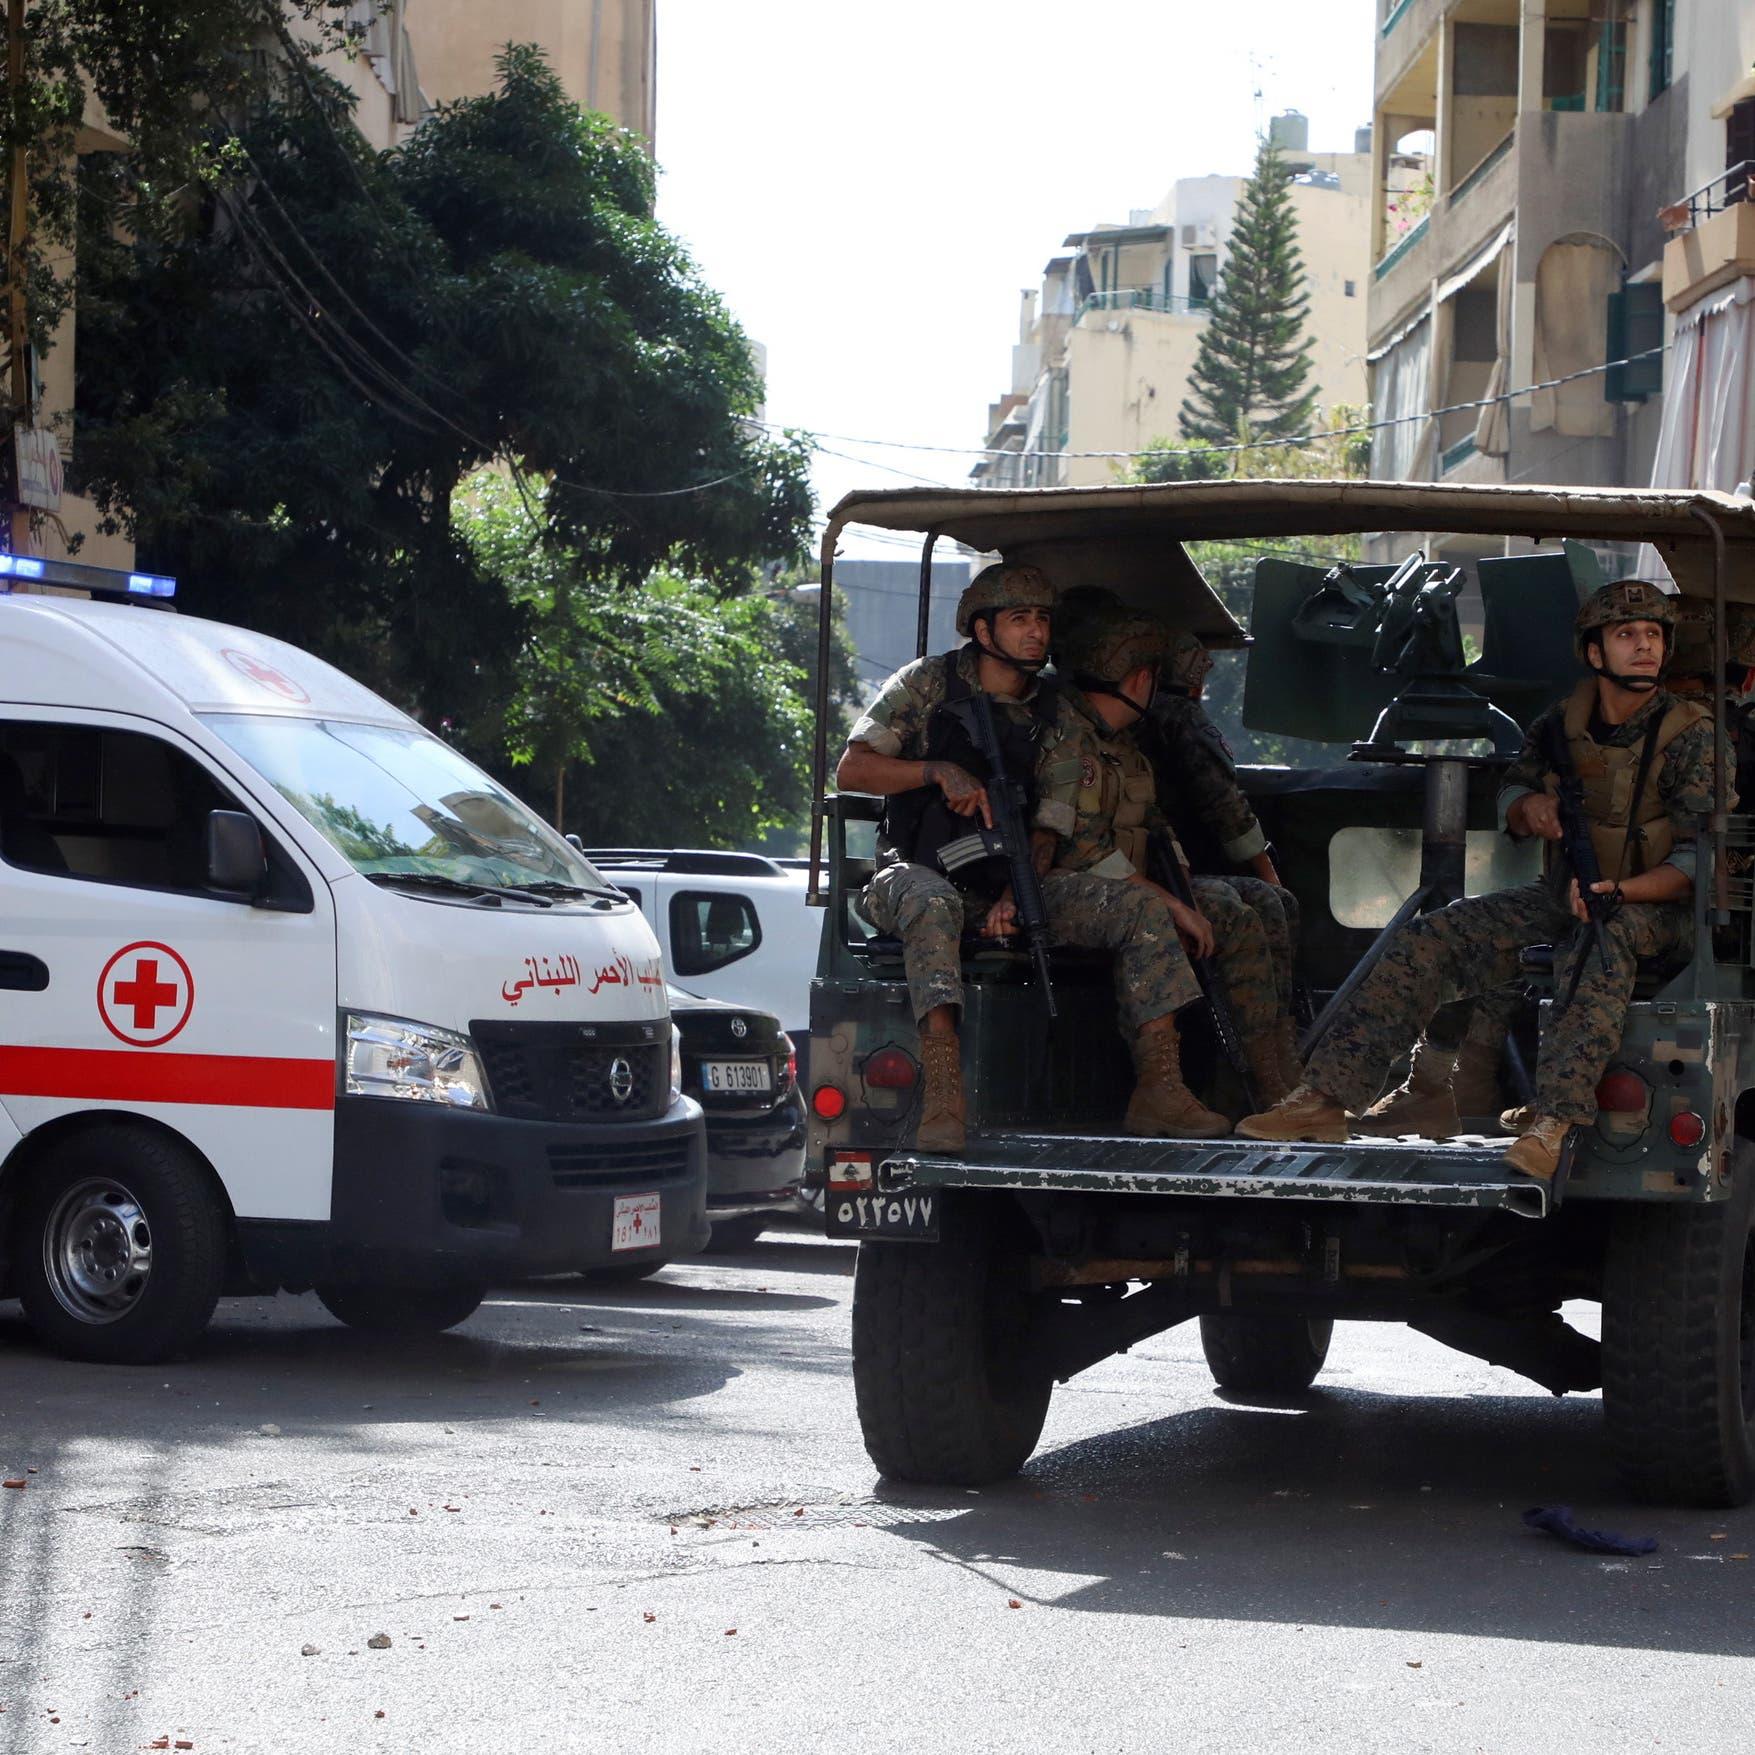 قذائف ورصاص في بيروت.. وعشرات القناصين على الأسطح